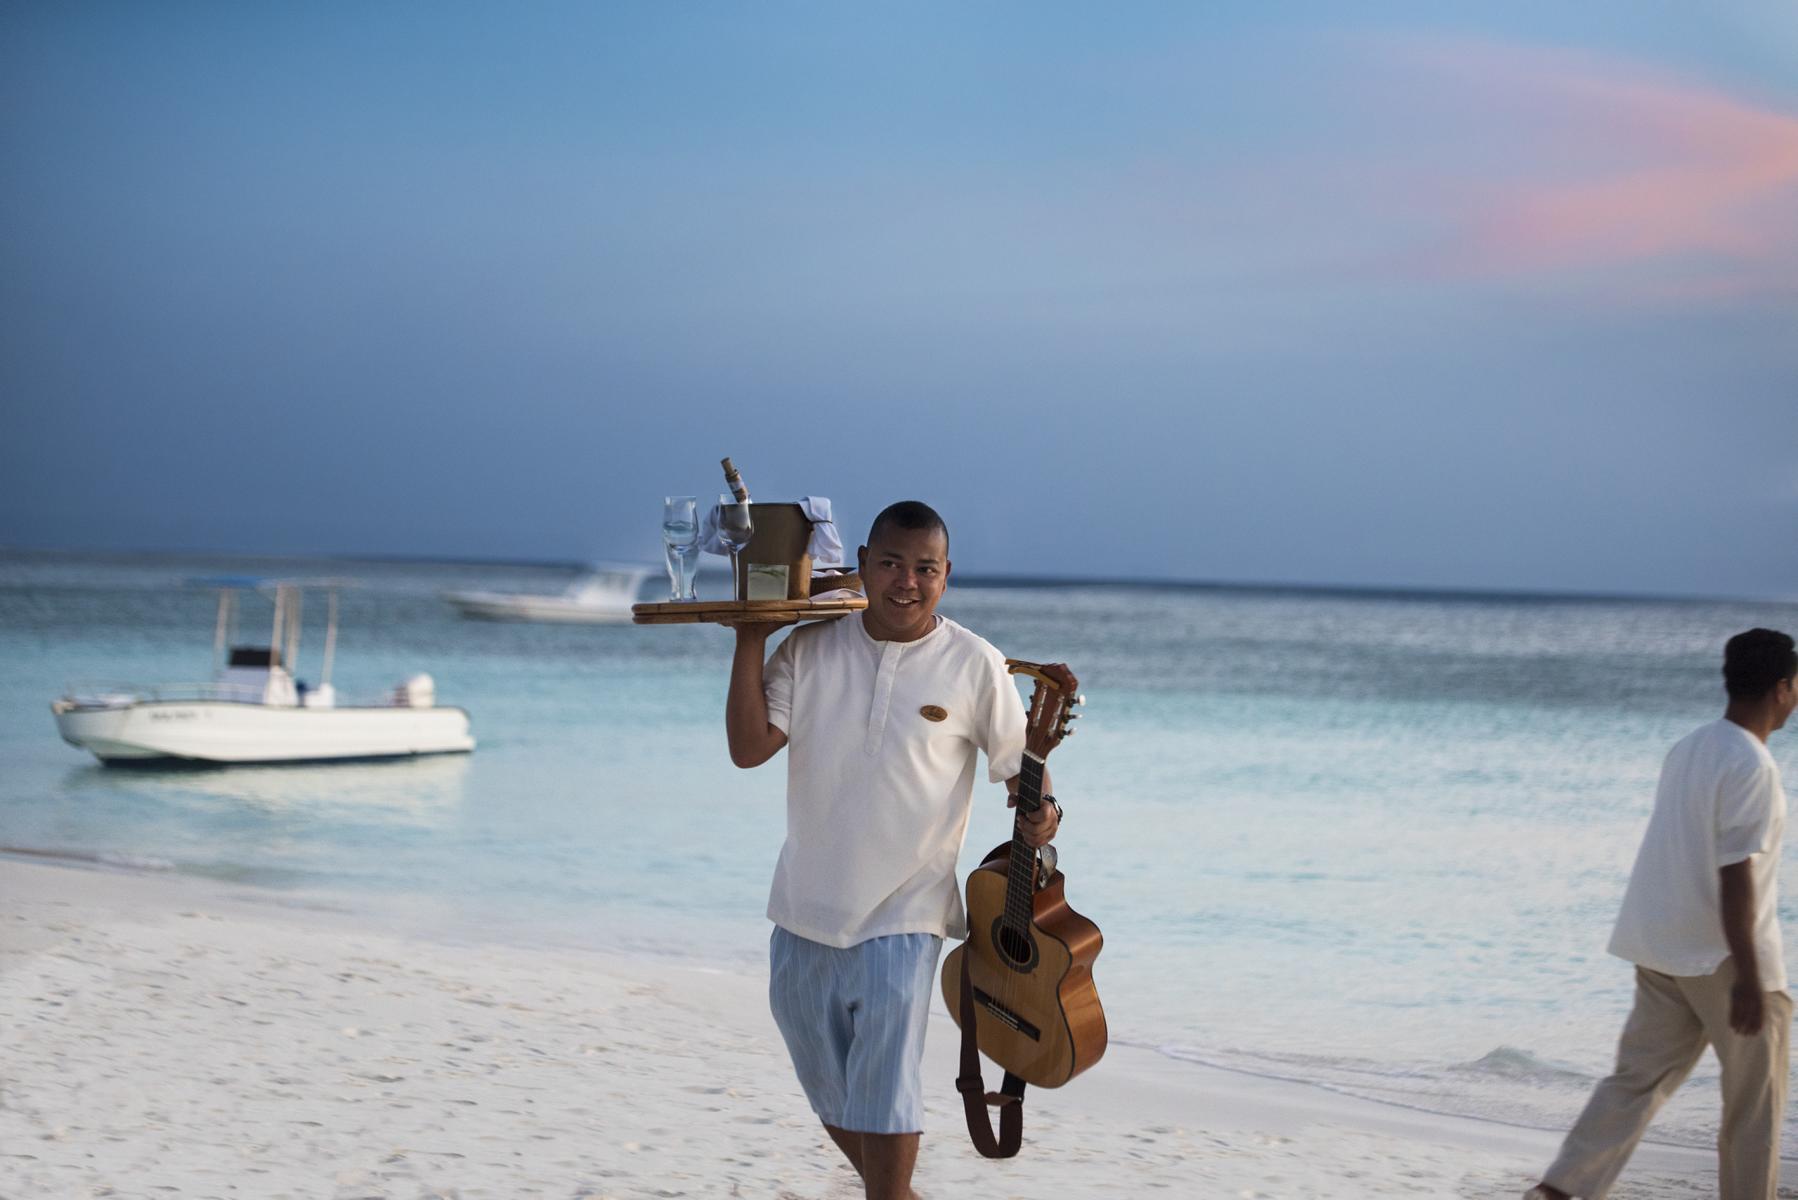 Begrüßung am Strand des Amanpulo auf den Philippinen bei einer Reise mit der Amandira von Aman Cruises